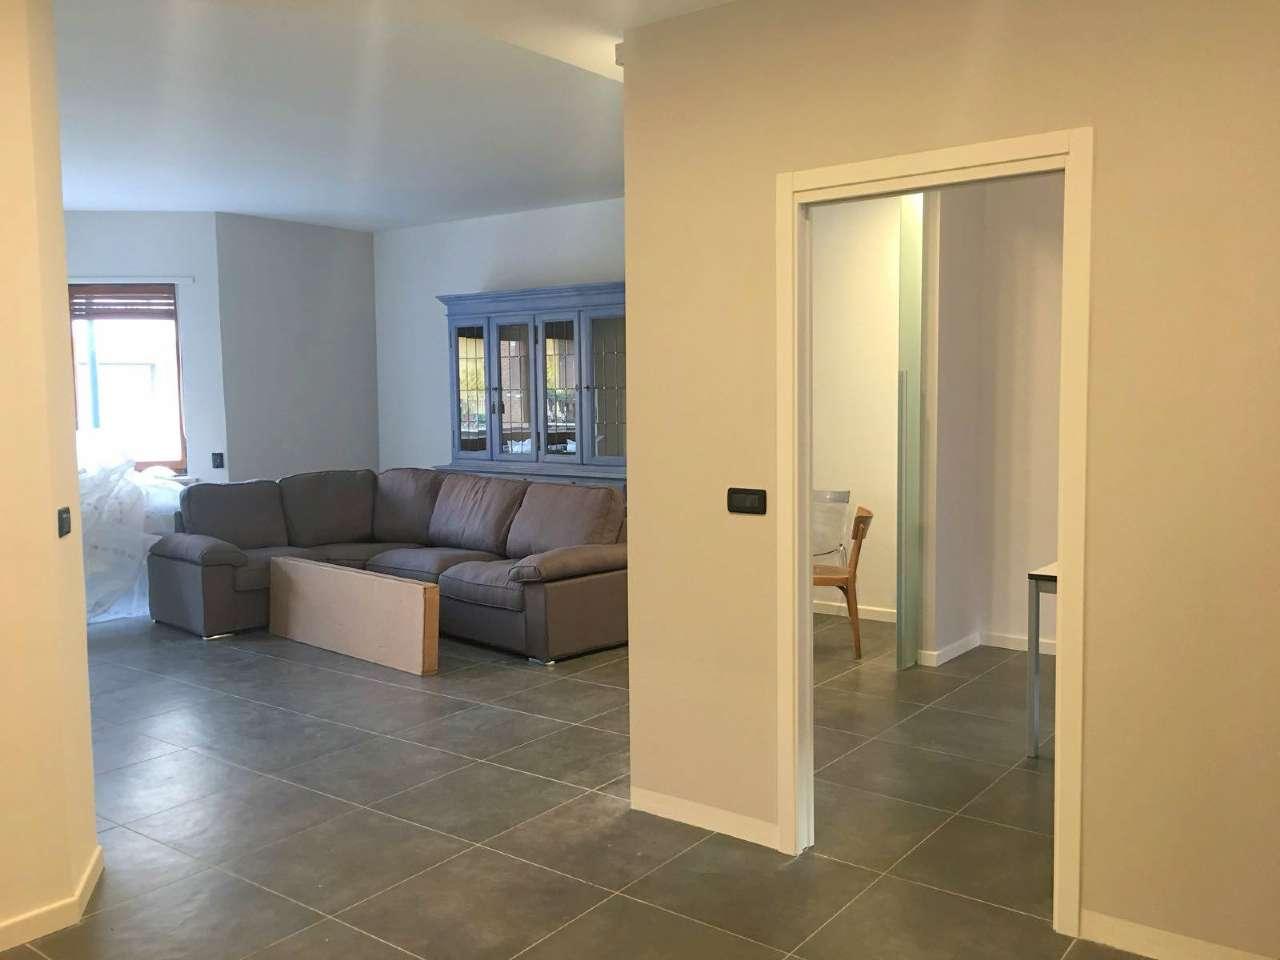 Appartamento in vendita Zona Cit Turin, San Donato, Campidoglio - via MOCCHIE  6 Torino